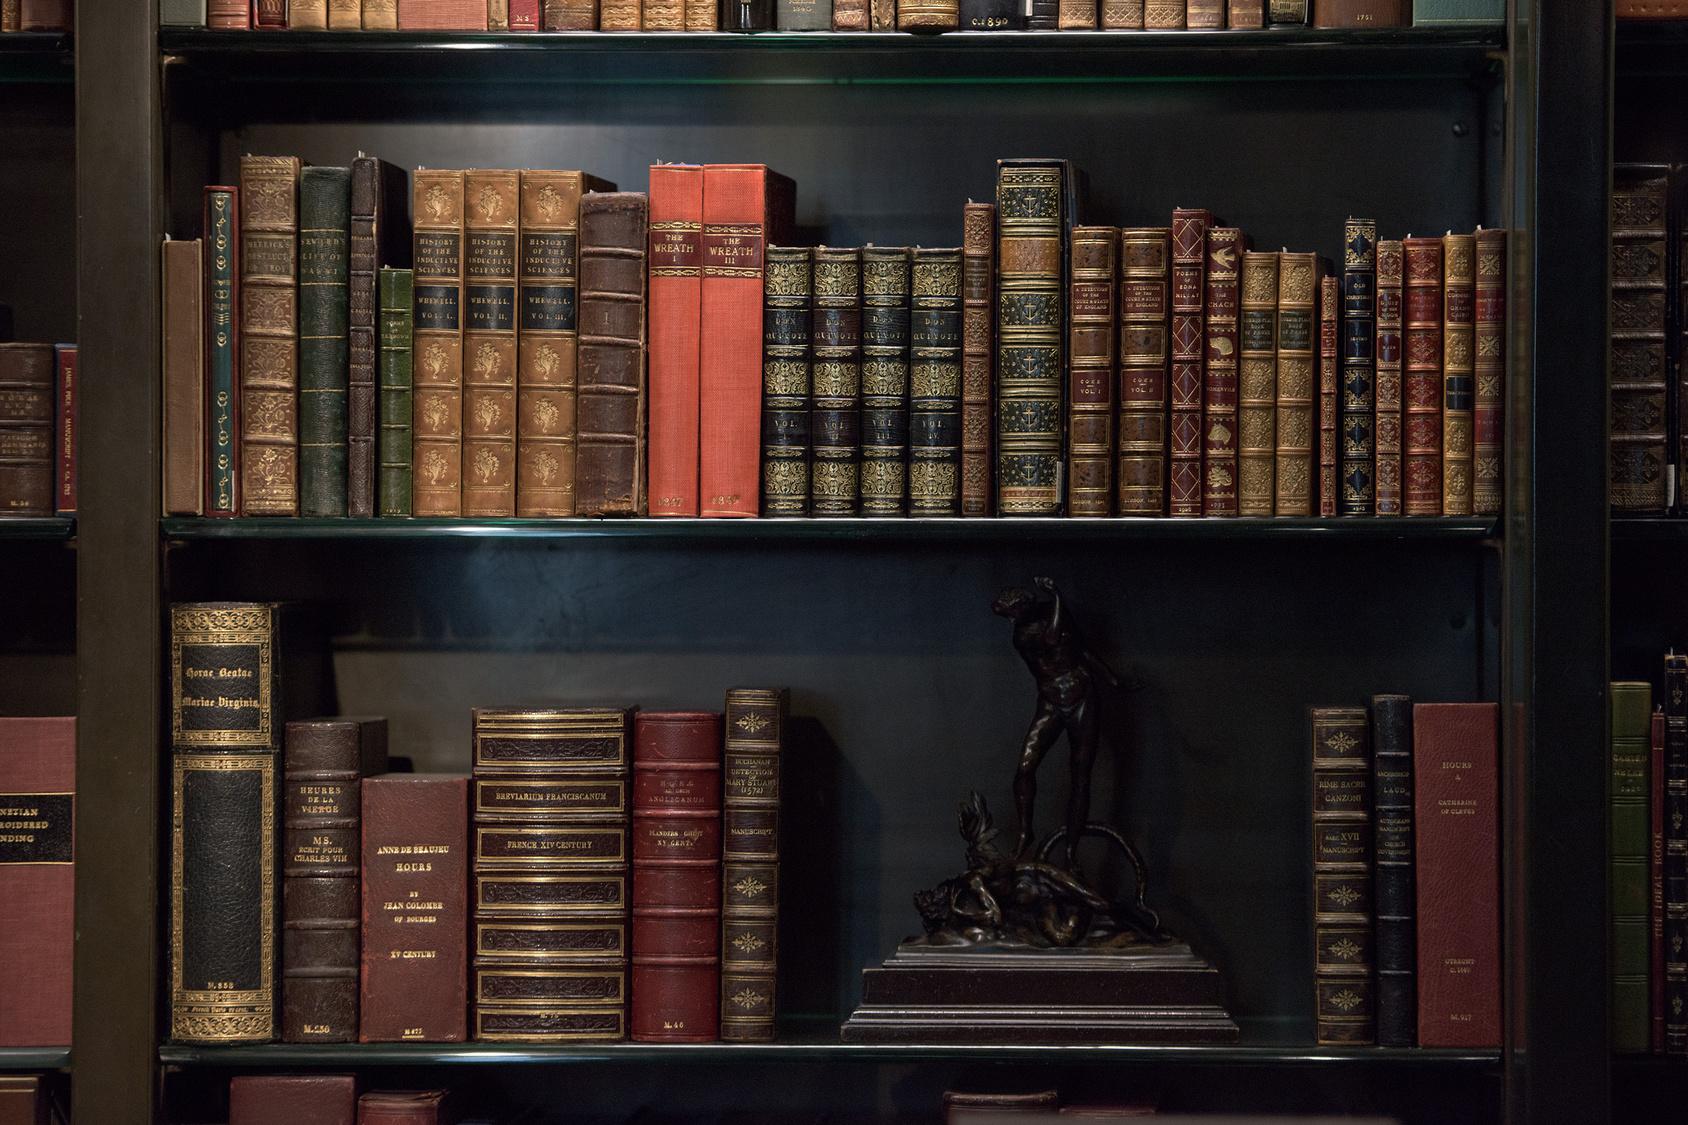 Картинки полки с книгами в библиотеке